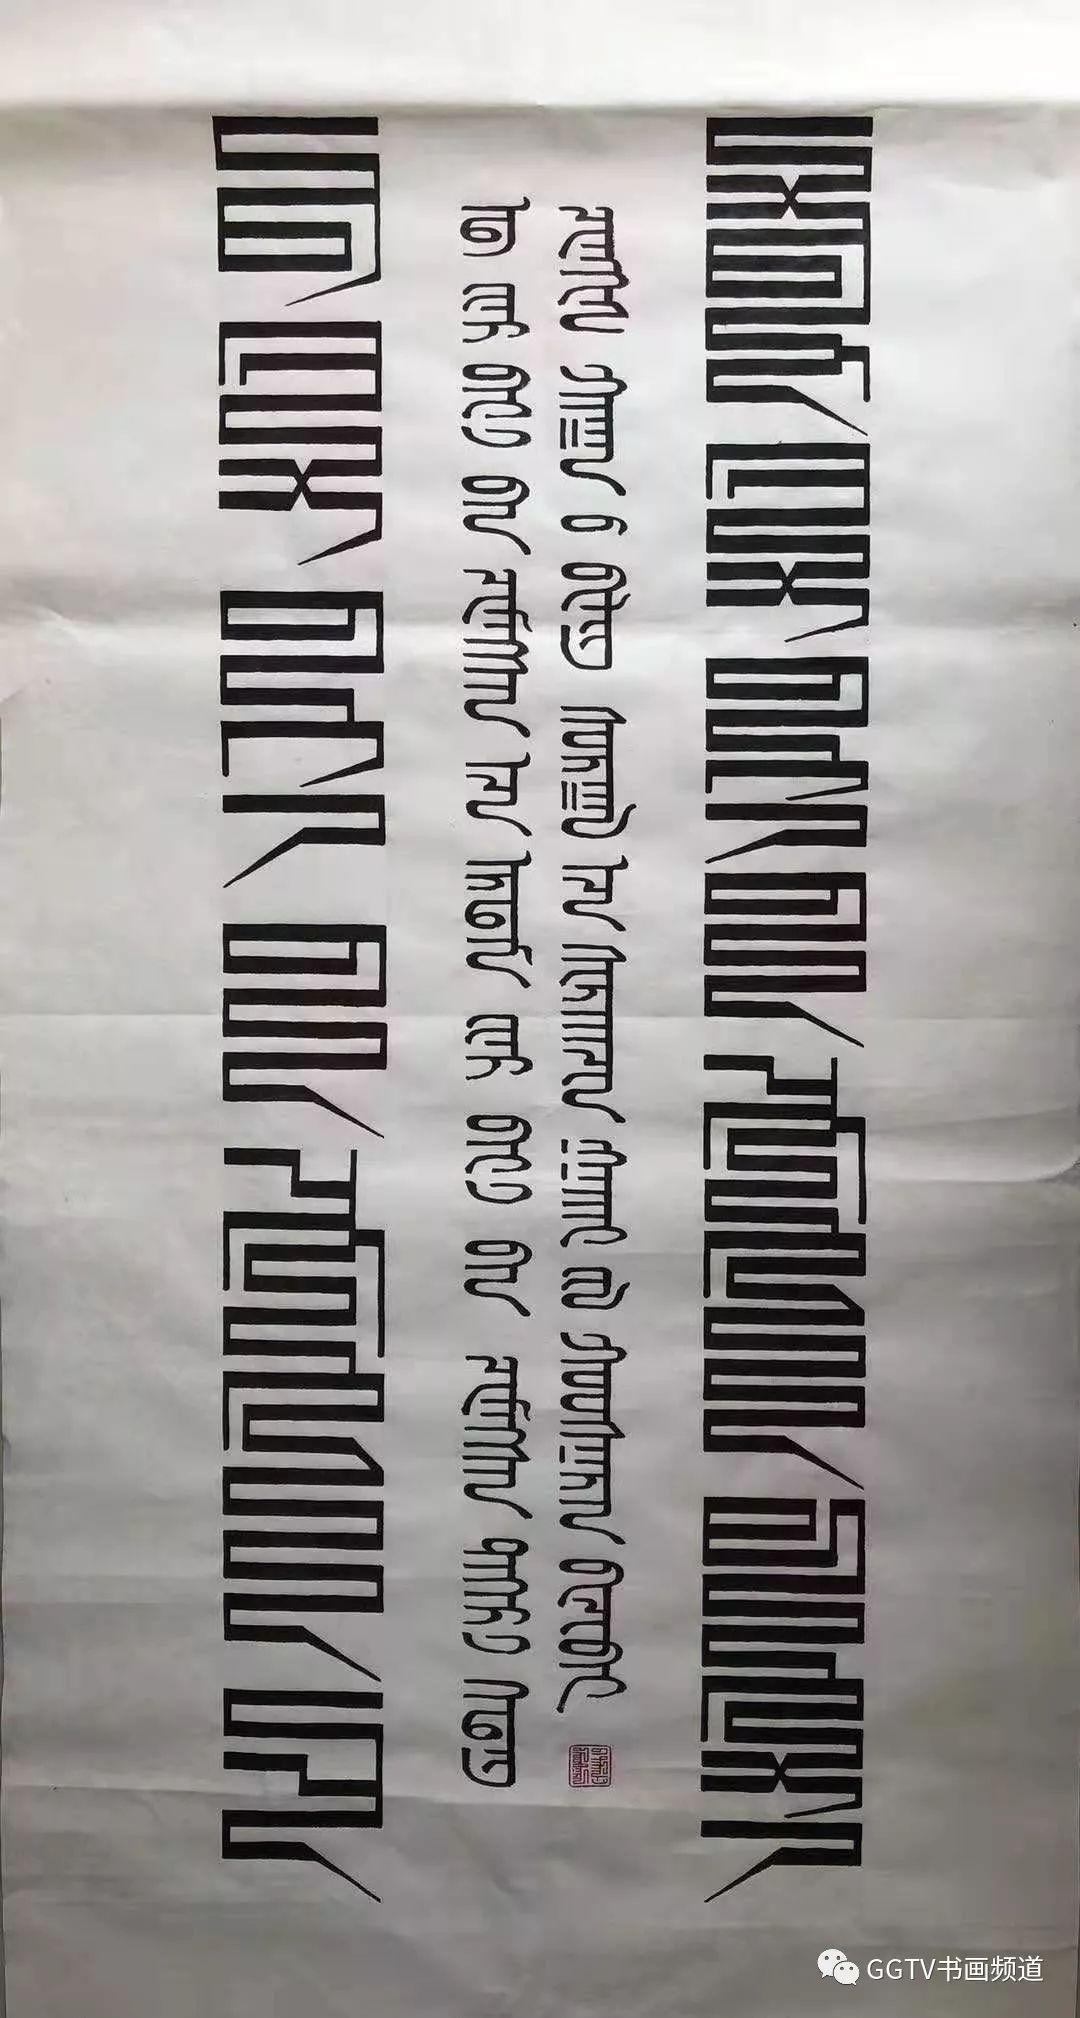 庆祝建国70周年全国优秀艺术家  —— 鲍好斯那拉作品展 第48张